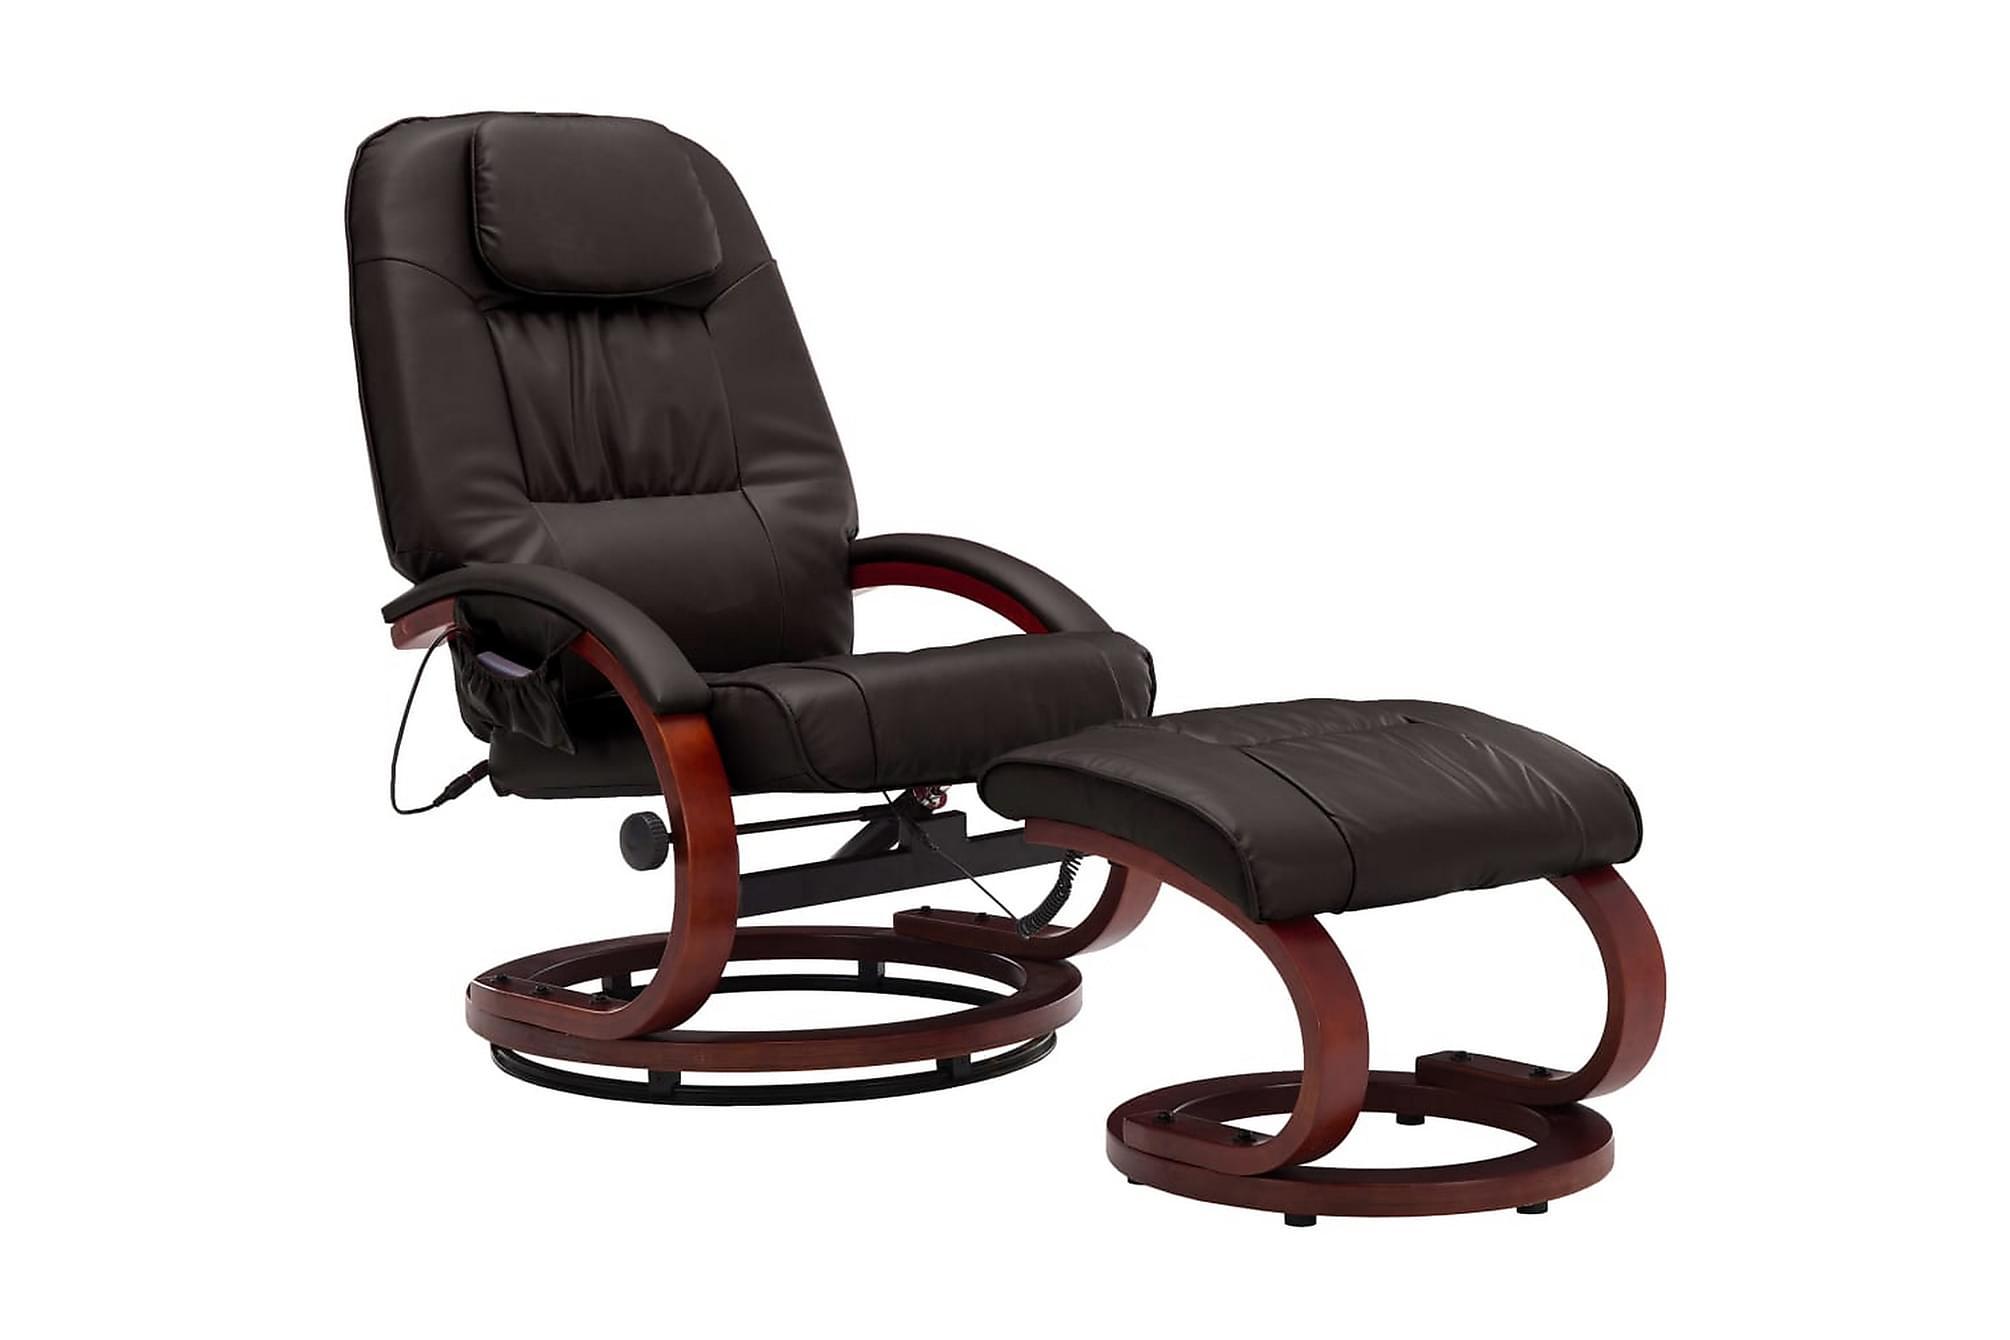 Massagefåtölj med fotpall brun konstläder, Massagestolar & massagefåtöljer